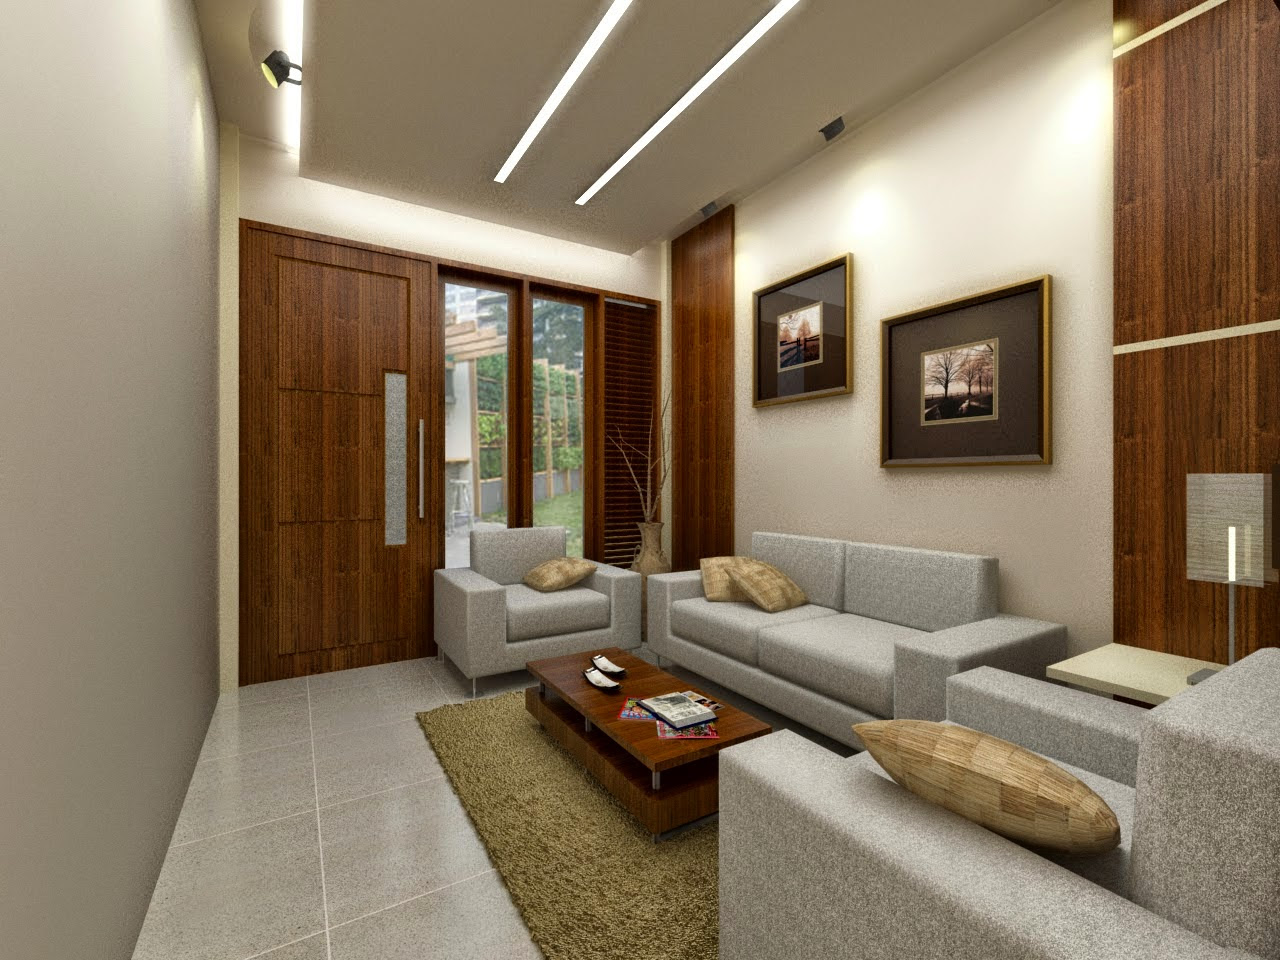 100 Gambar Ruangan Rumah Minimalis Sederhana Gambar Desain Rumah